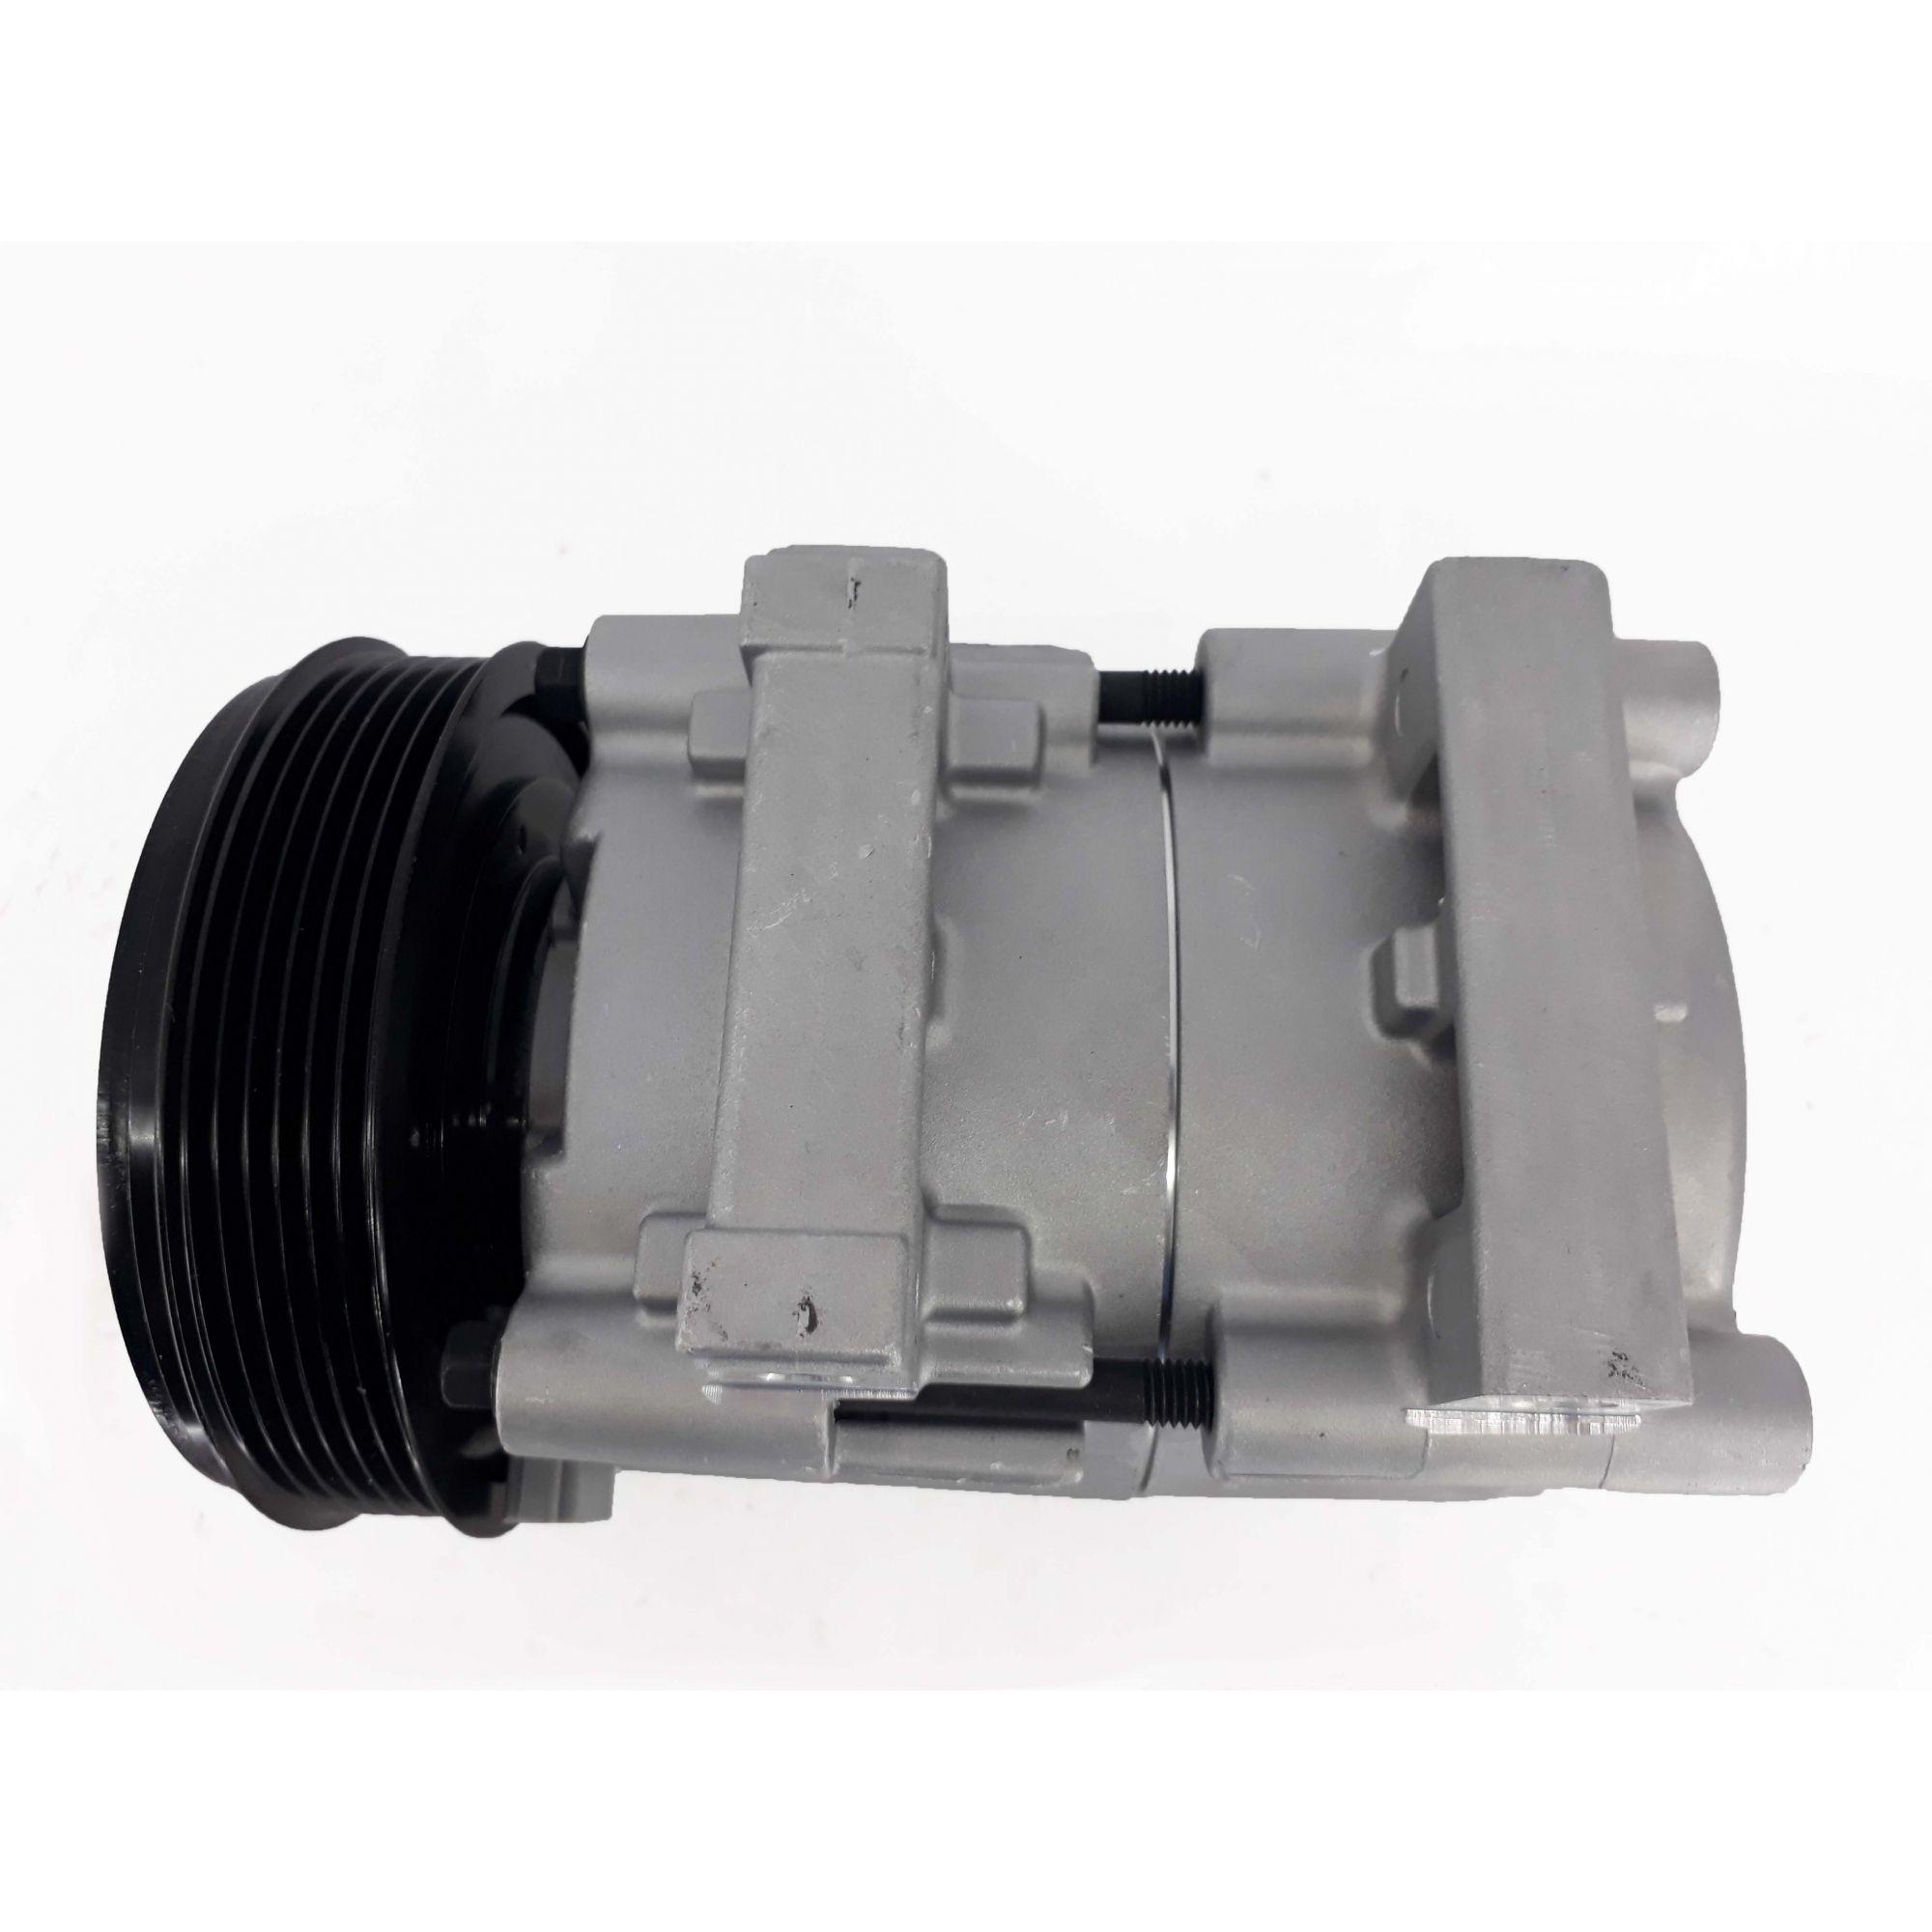 Compressor Ranger 3.0 - 4.0 - 2.8 - 2.5 - 2.3 - Original DELPHI